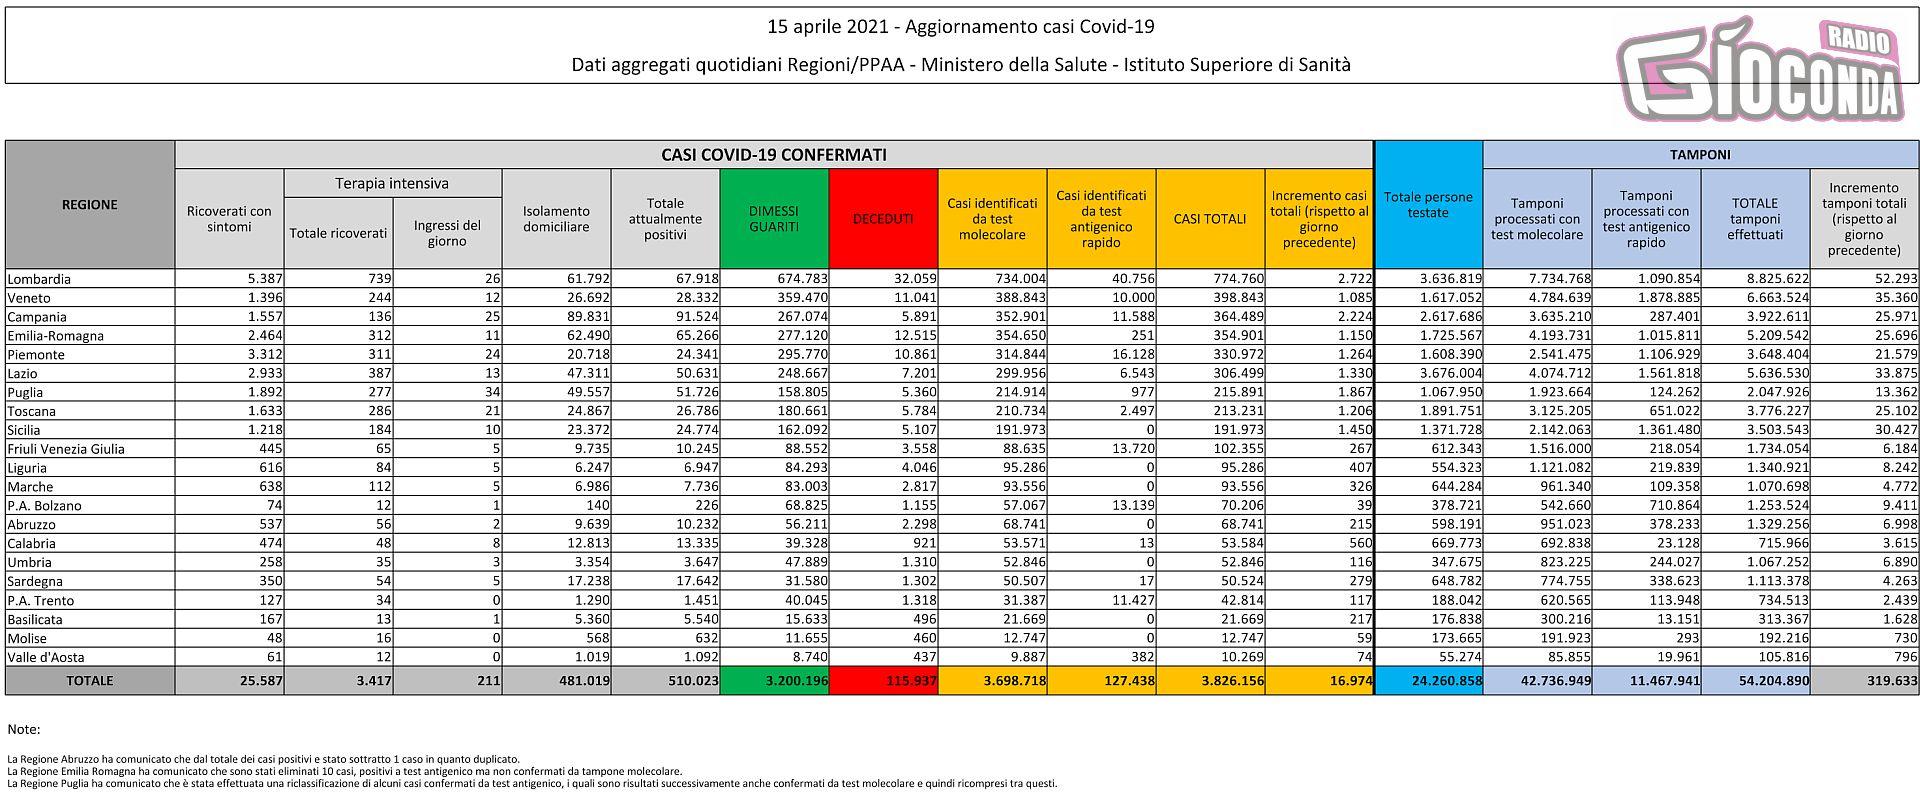 15 aprile 2021 - Aggiornamento casi Covid-19 Dati aggregati quotidiani Regioni/PPAA - Ministero della Salute - Istituto Superiore di Sanità